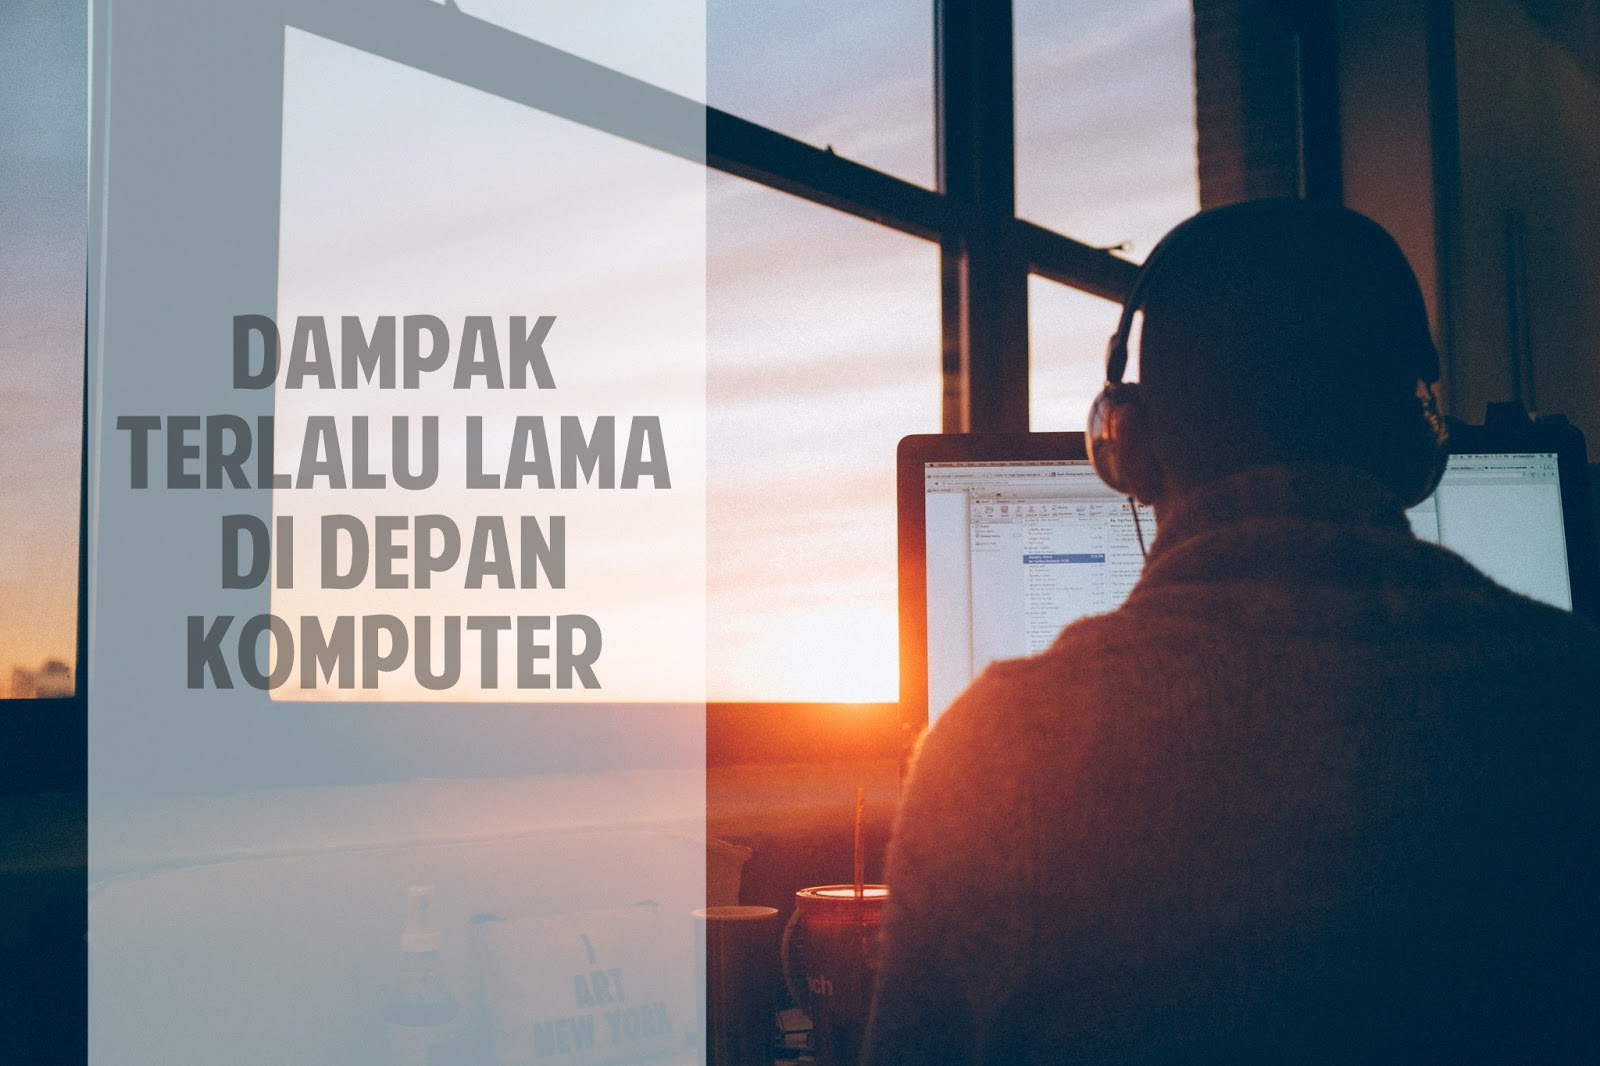 Dampak negatif di depan komputer